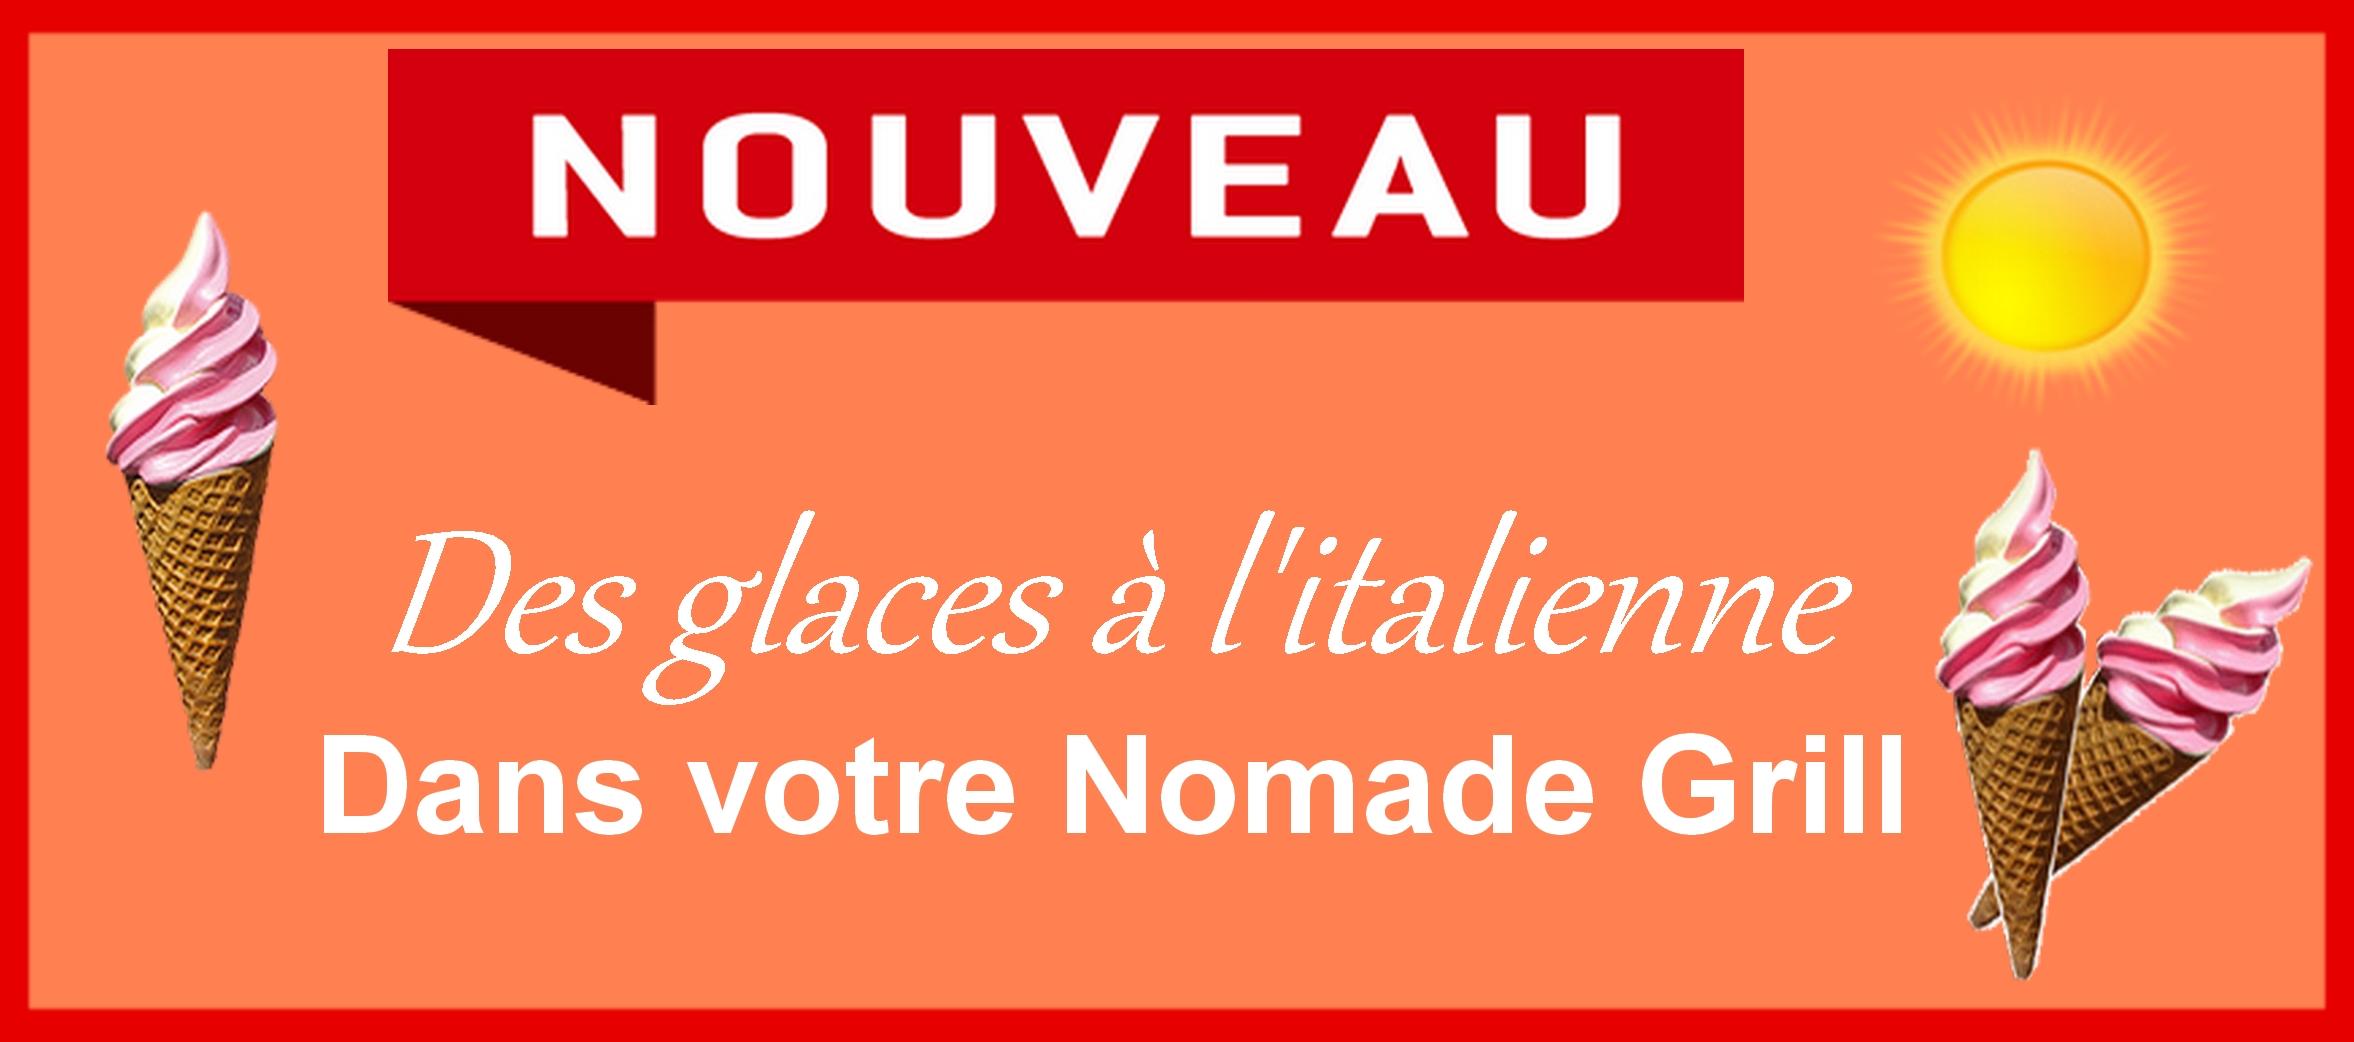 Glace+%c3%a0+l%27italienne+site+fief+rose